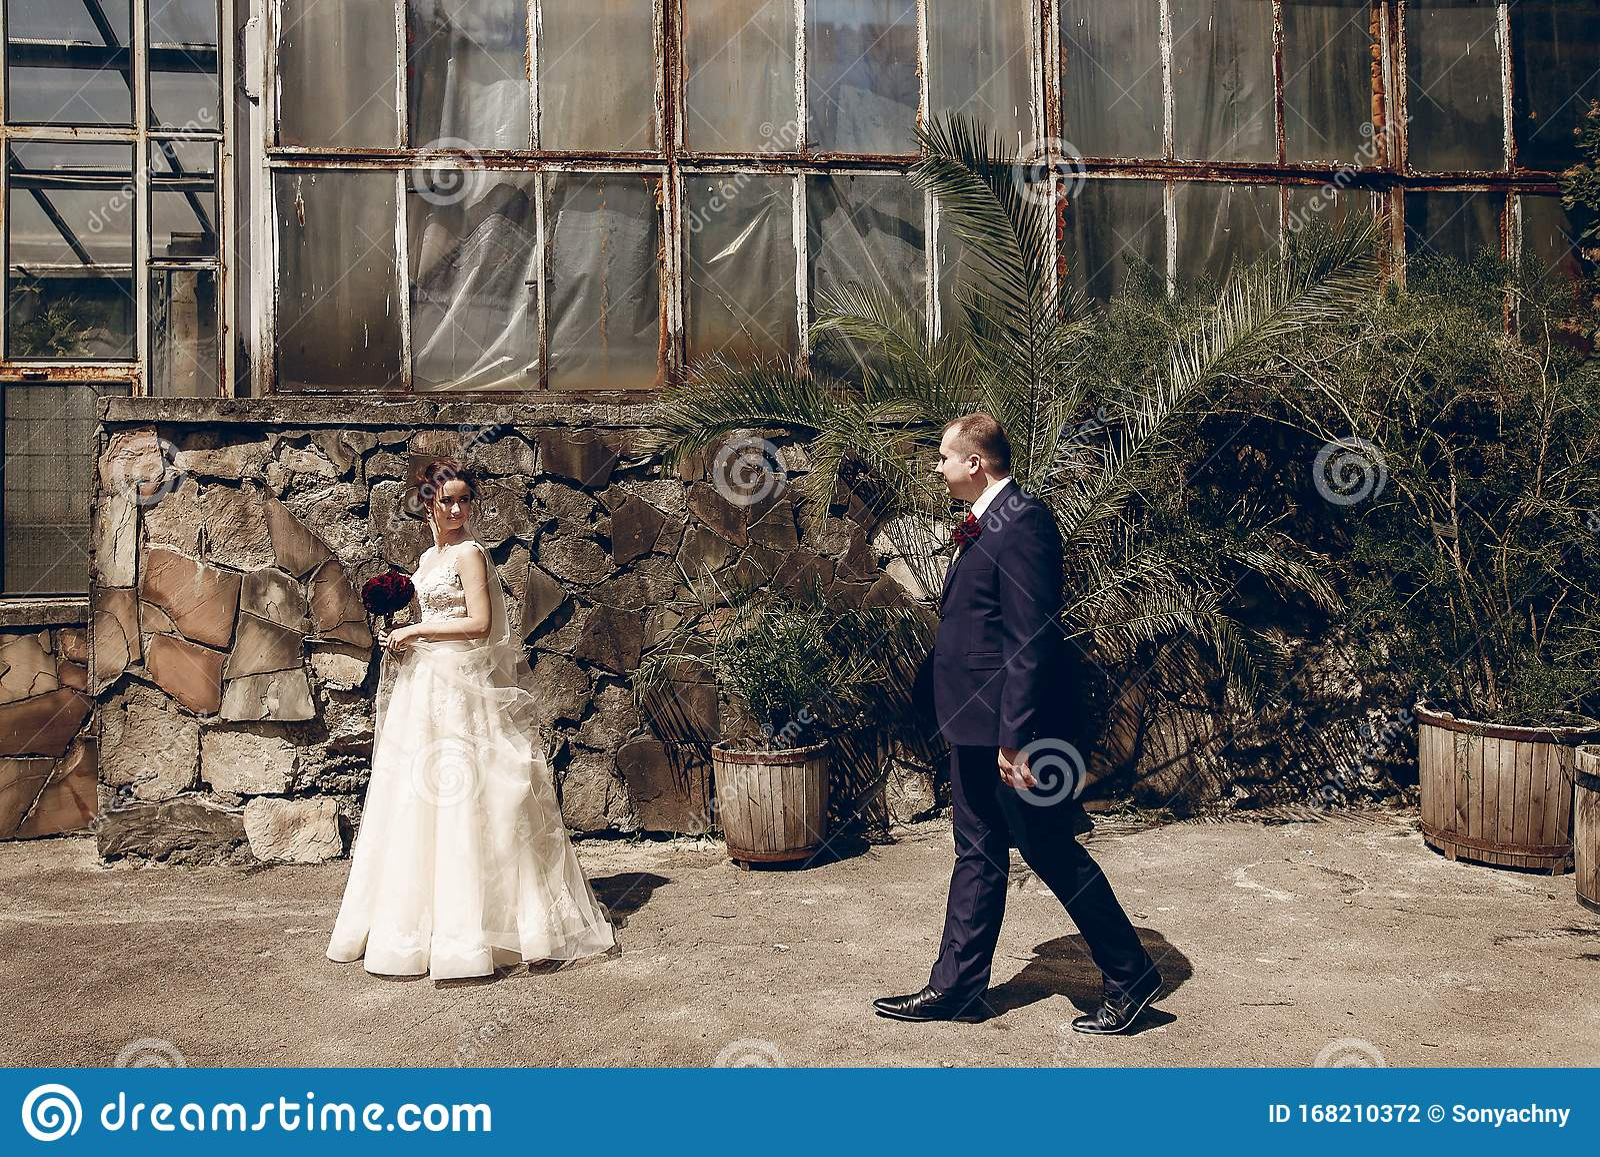 Happy Handsome Groom Walking With Beautiful Brunette Bride In